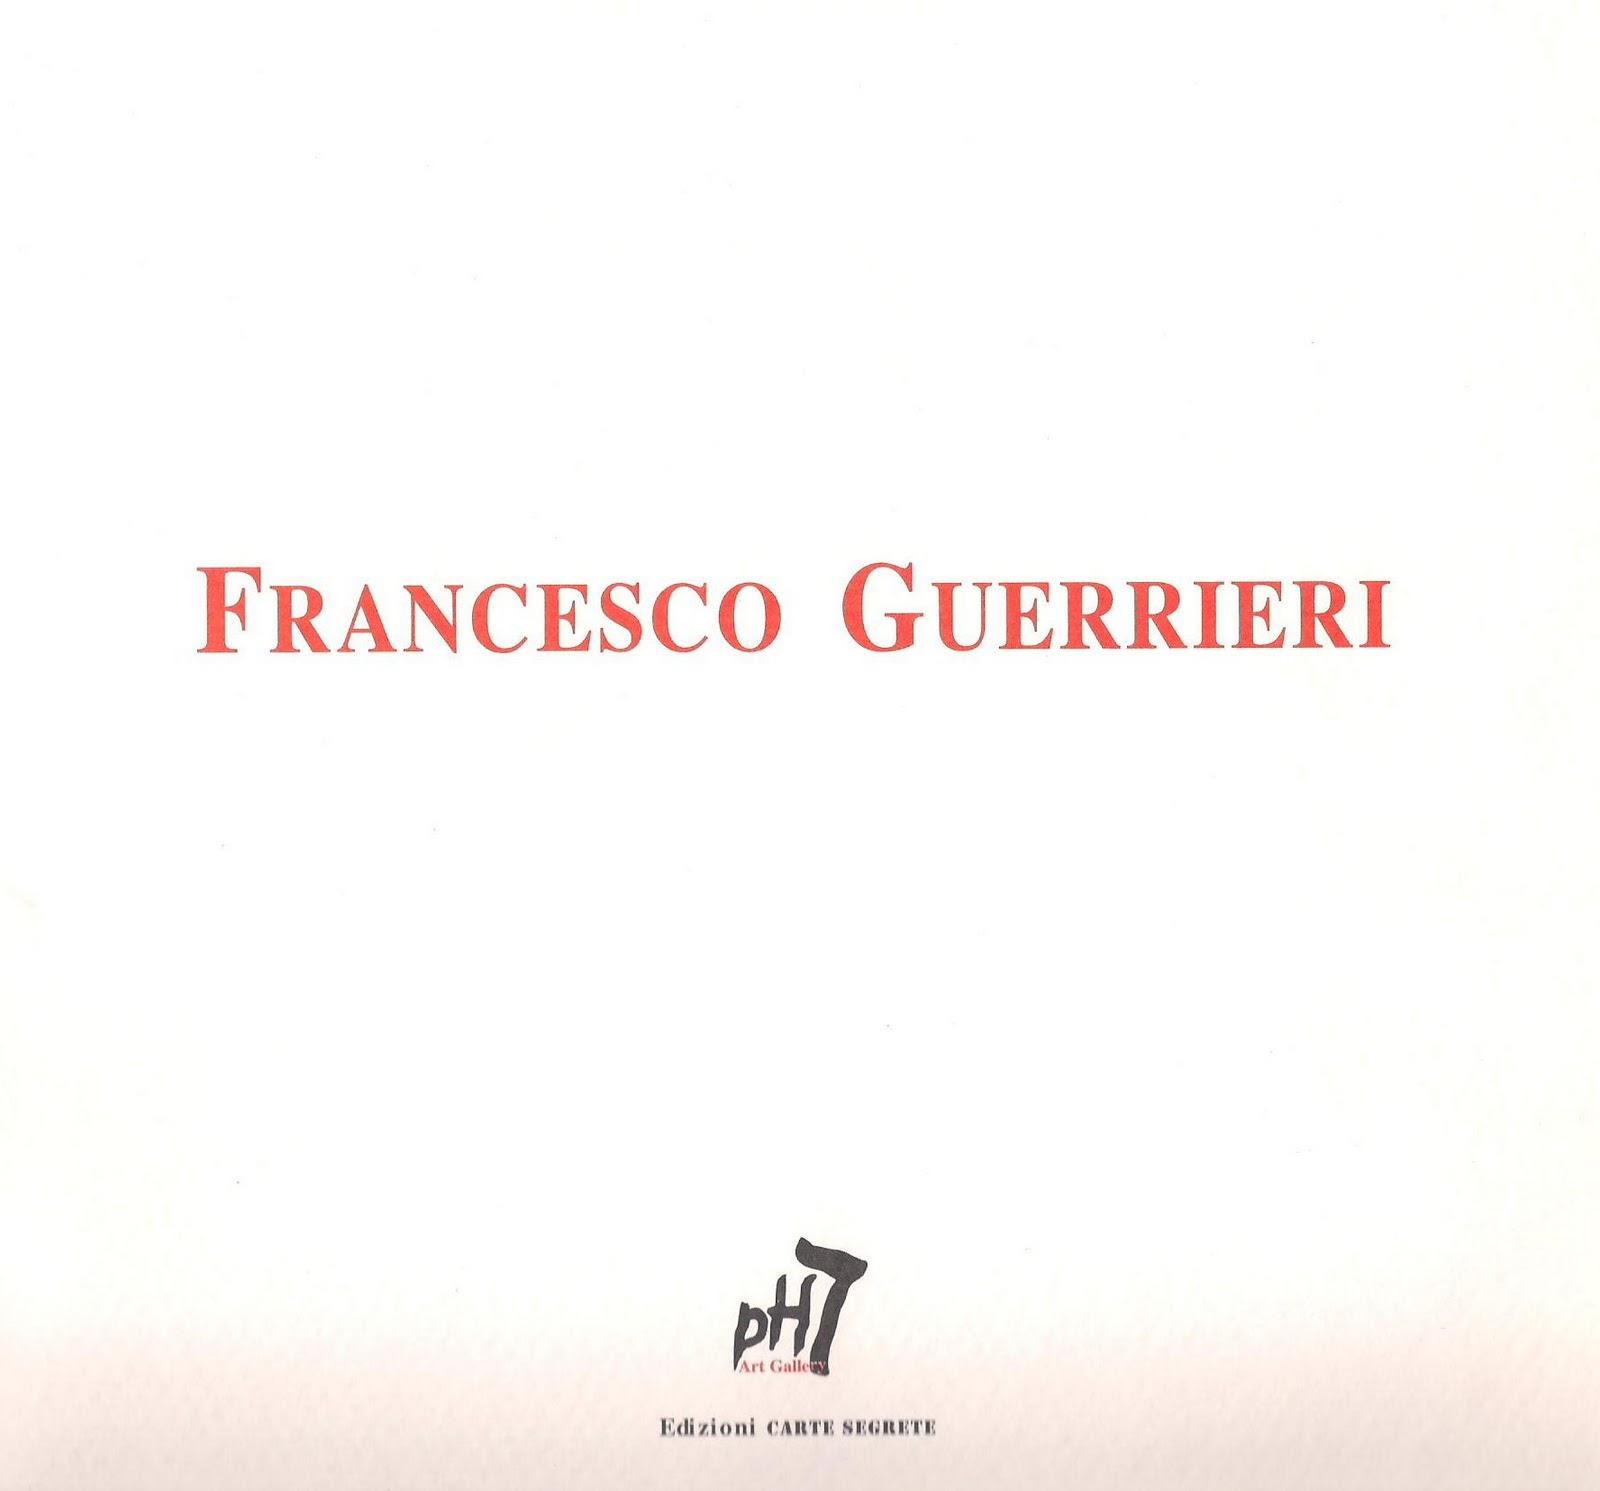 Francesco Guerrieri. L'arte che si rinnova giorno dopo giorno